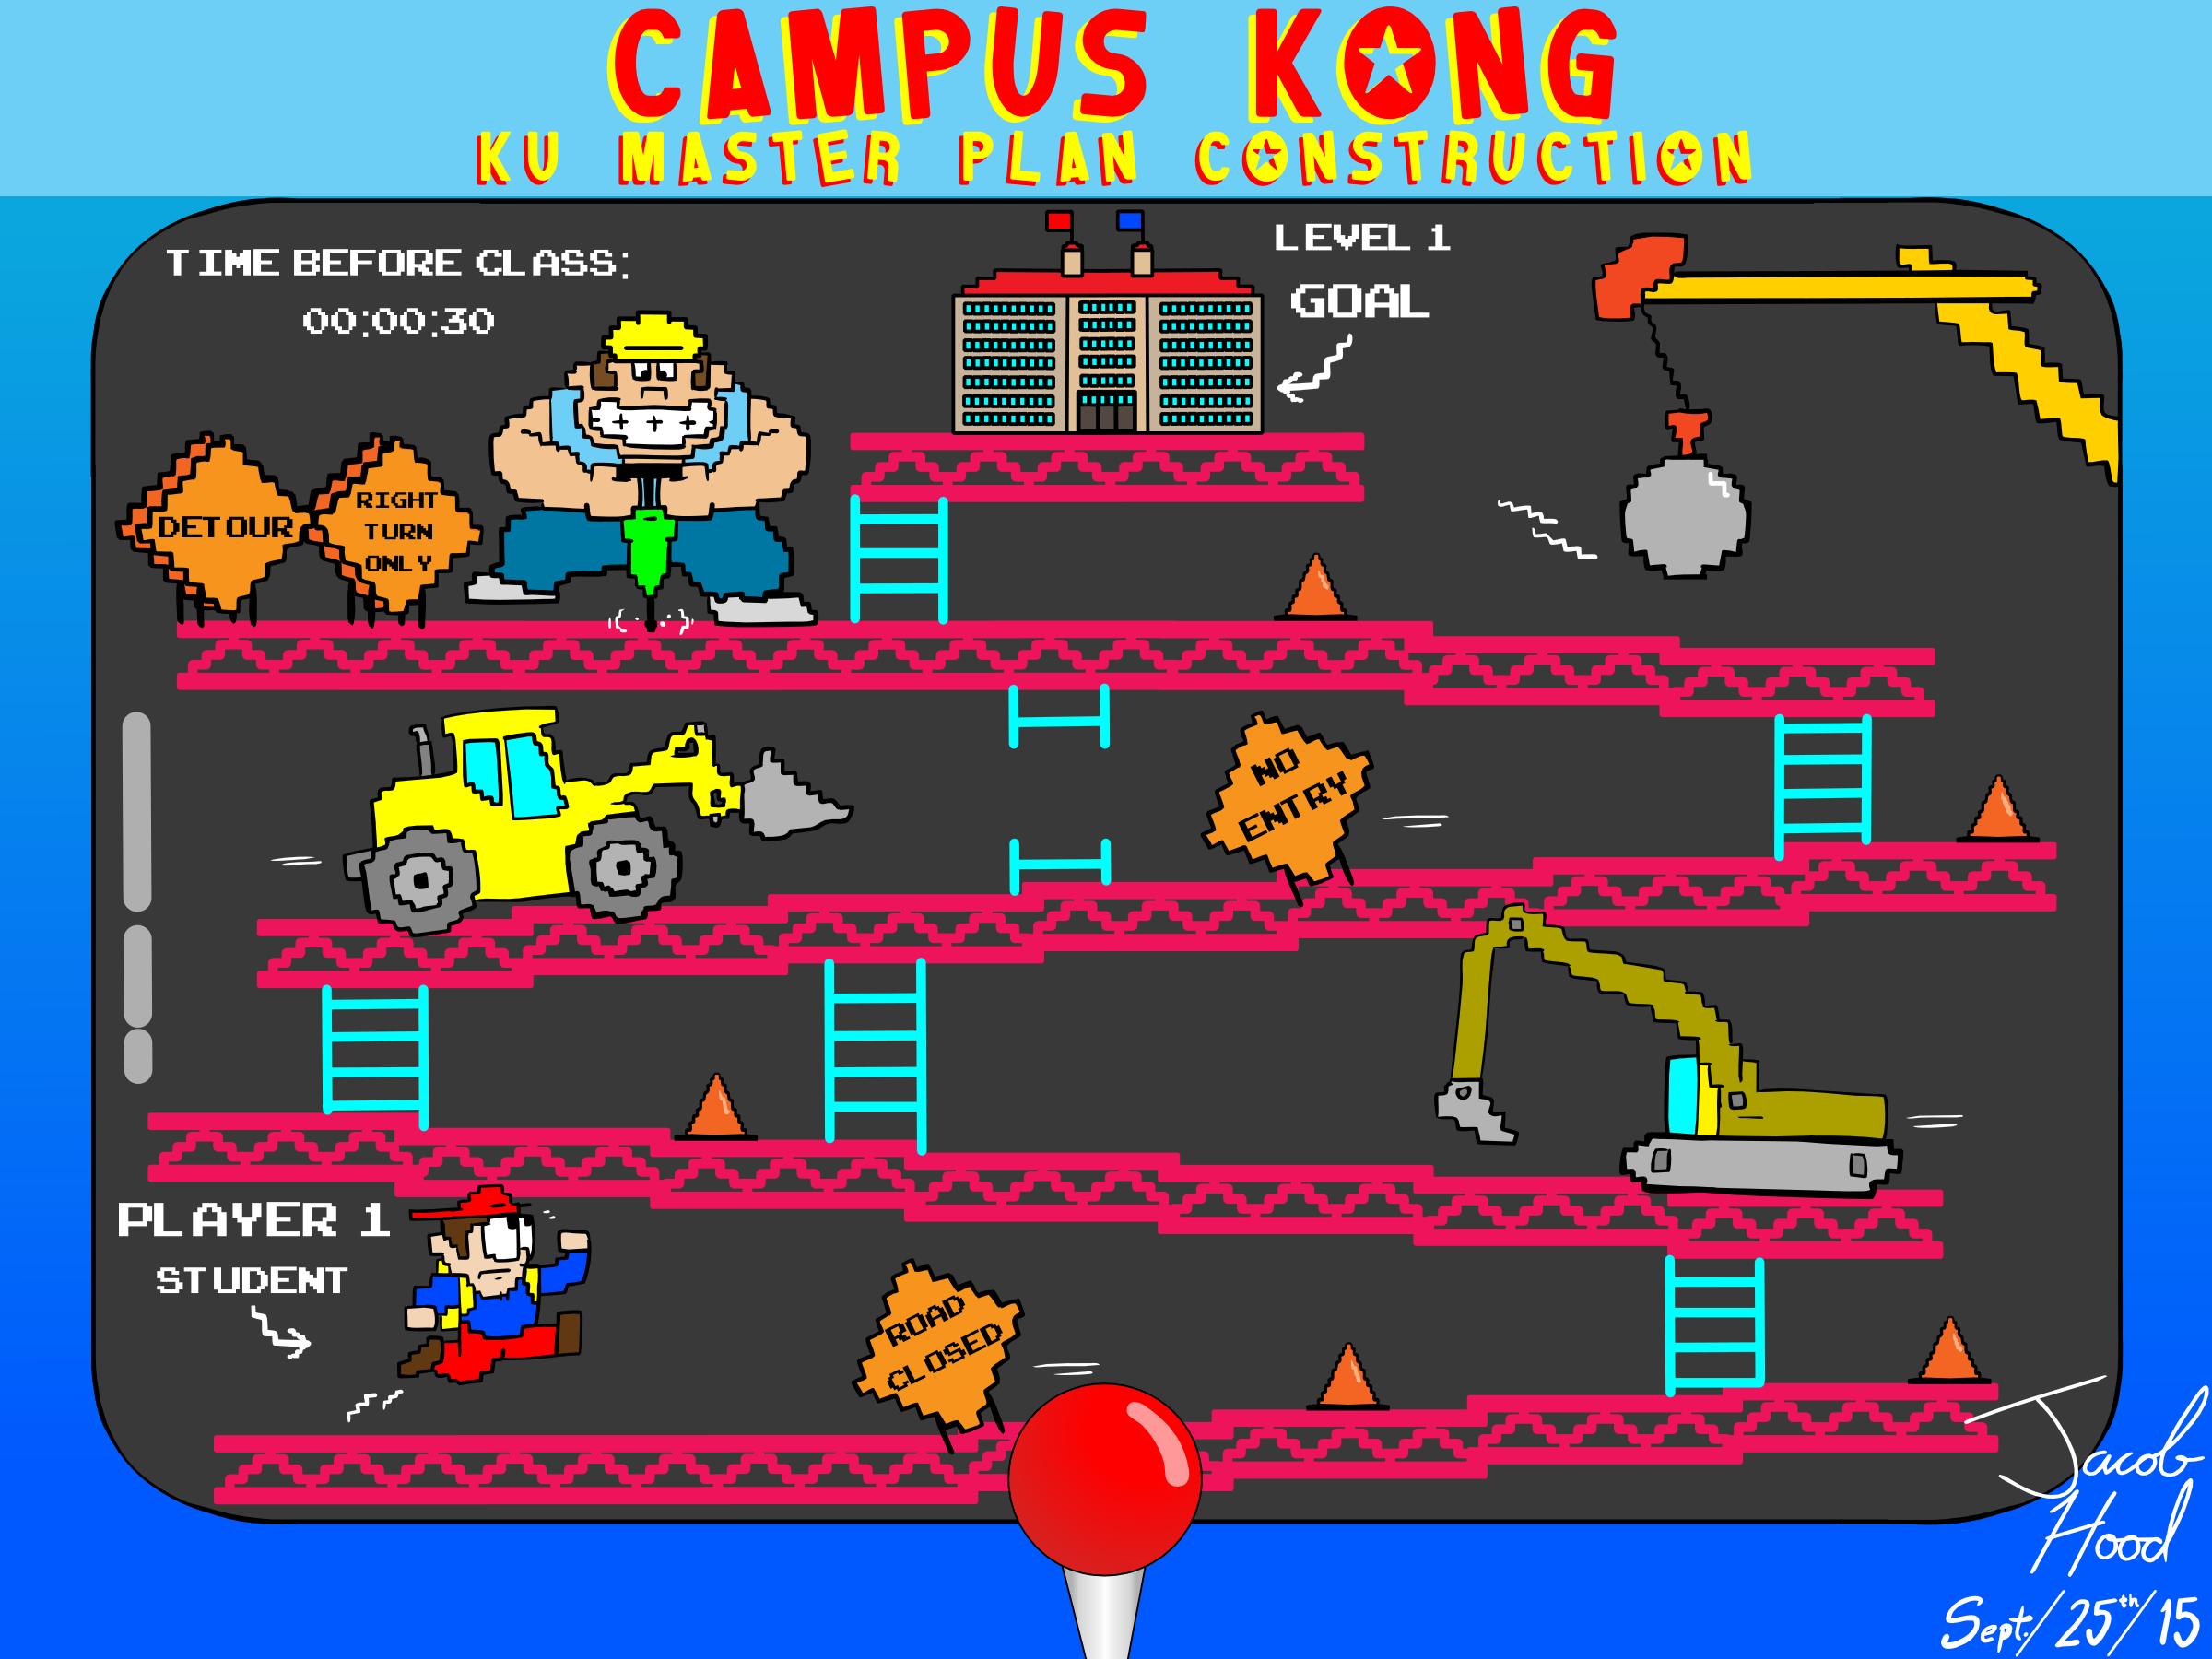 Campus Kong